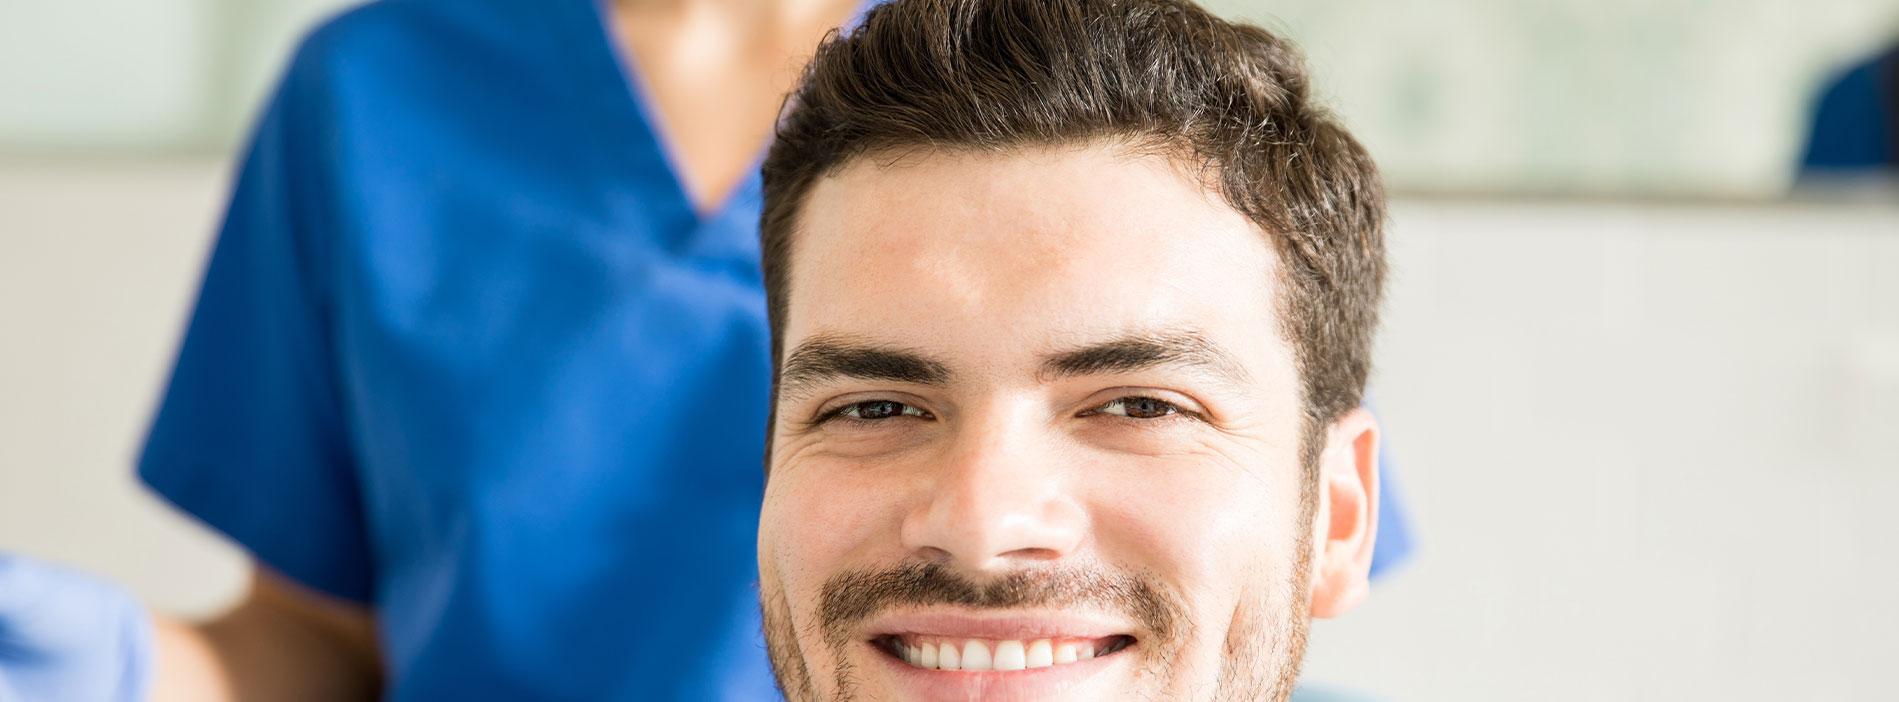 Man smiling at the dental